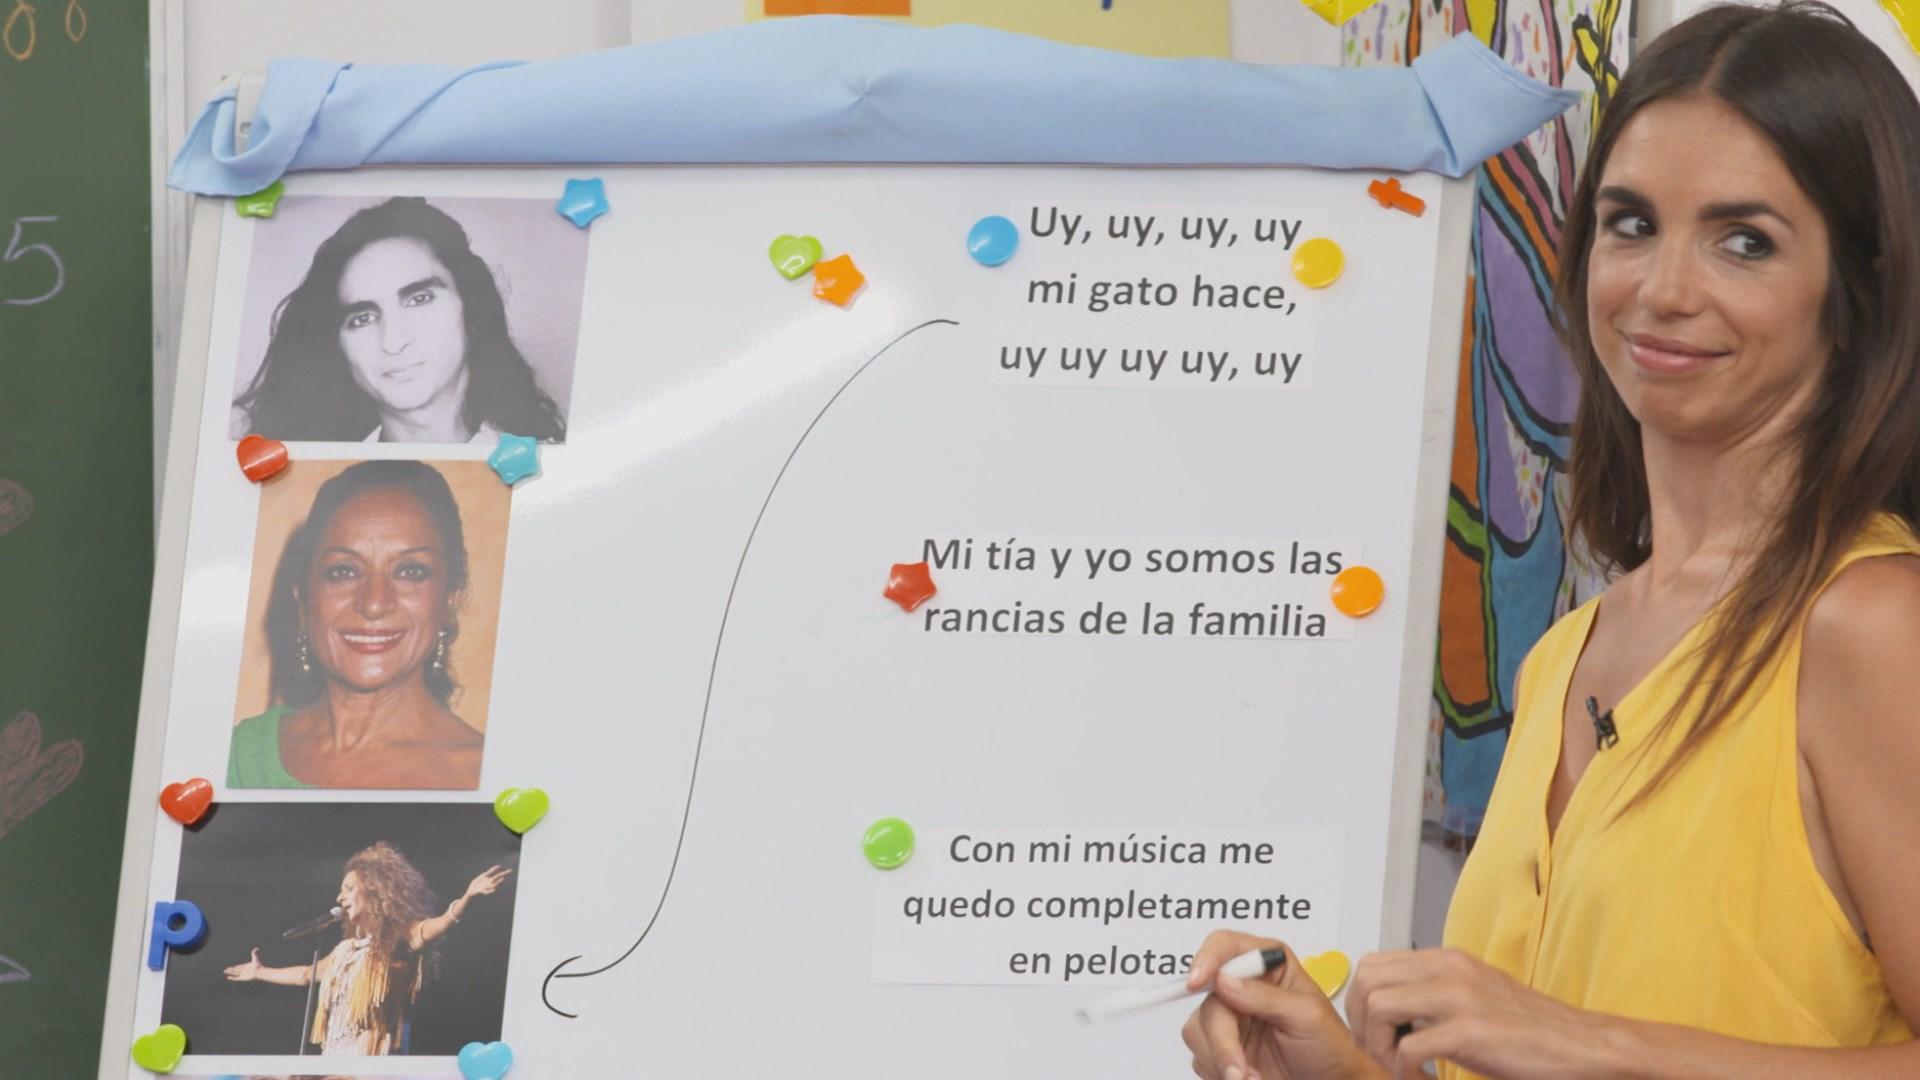 Conoce Las Frases Más Locas De La Familia Flores